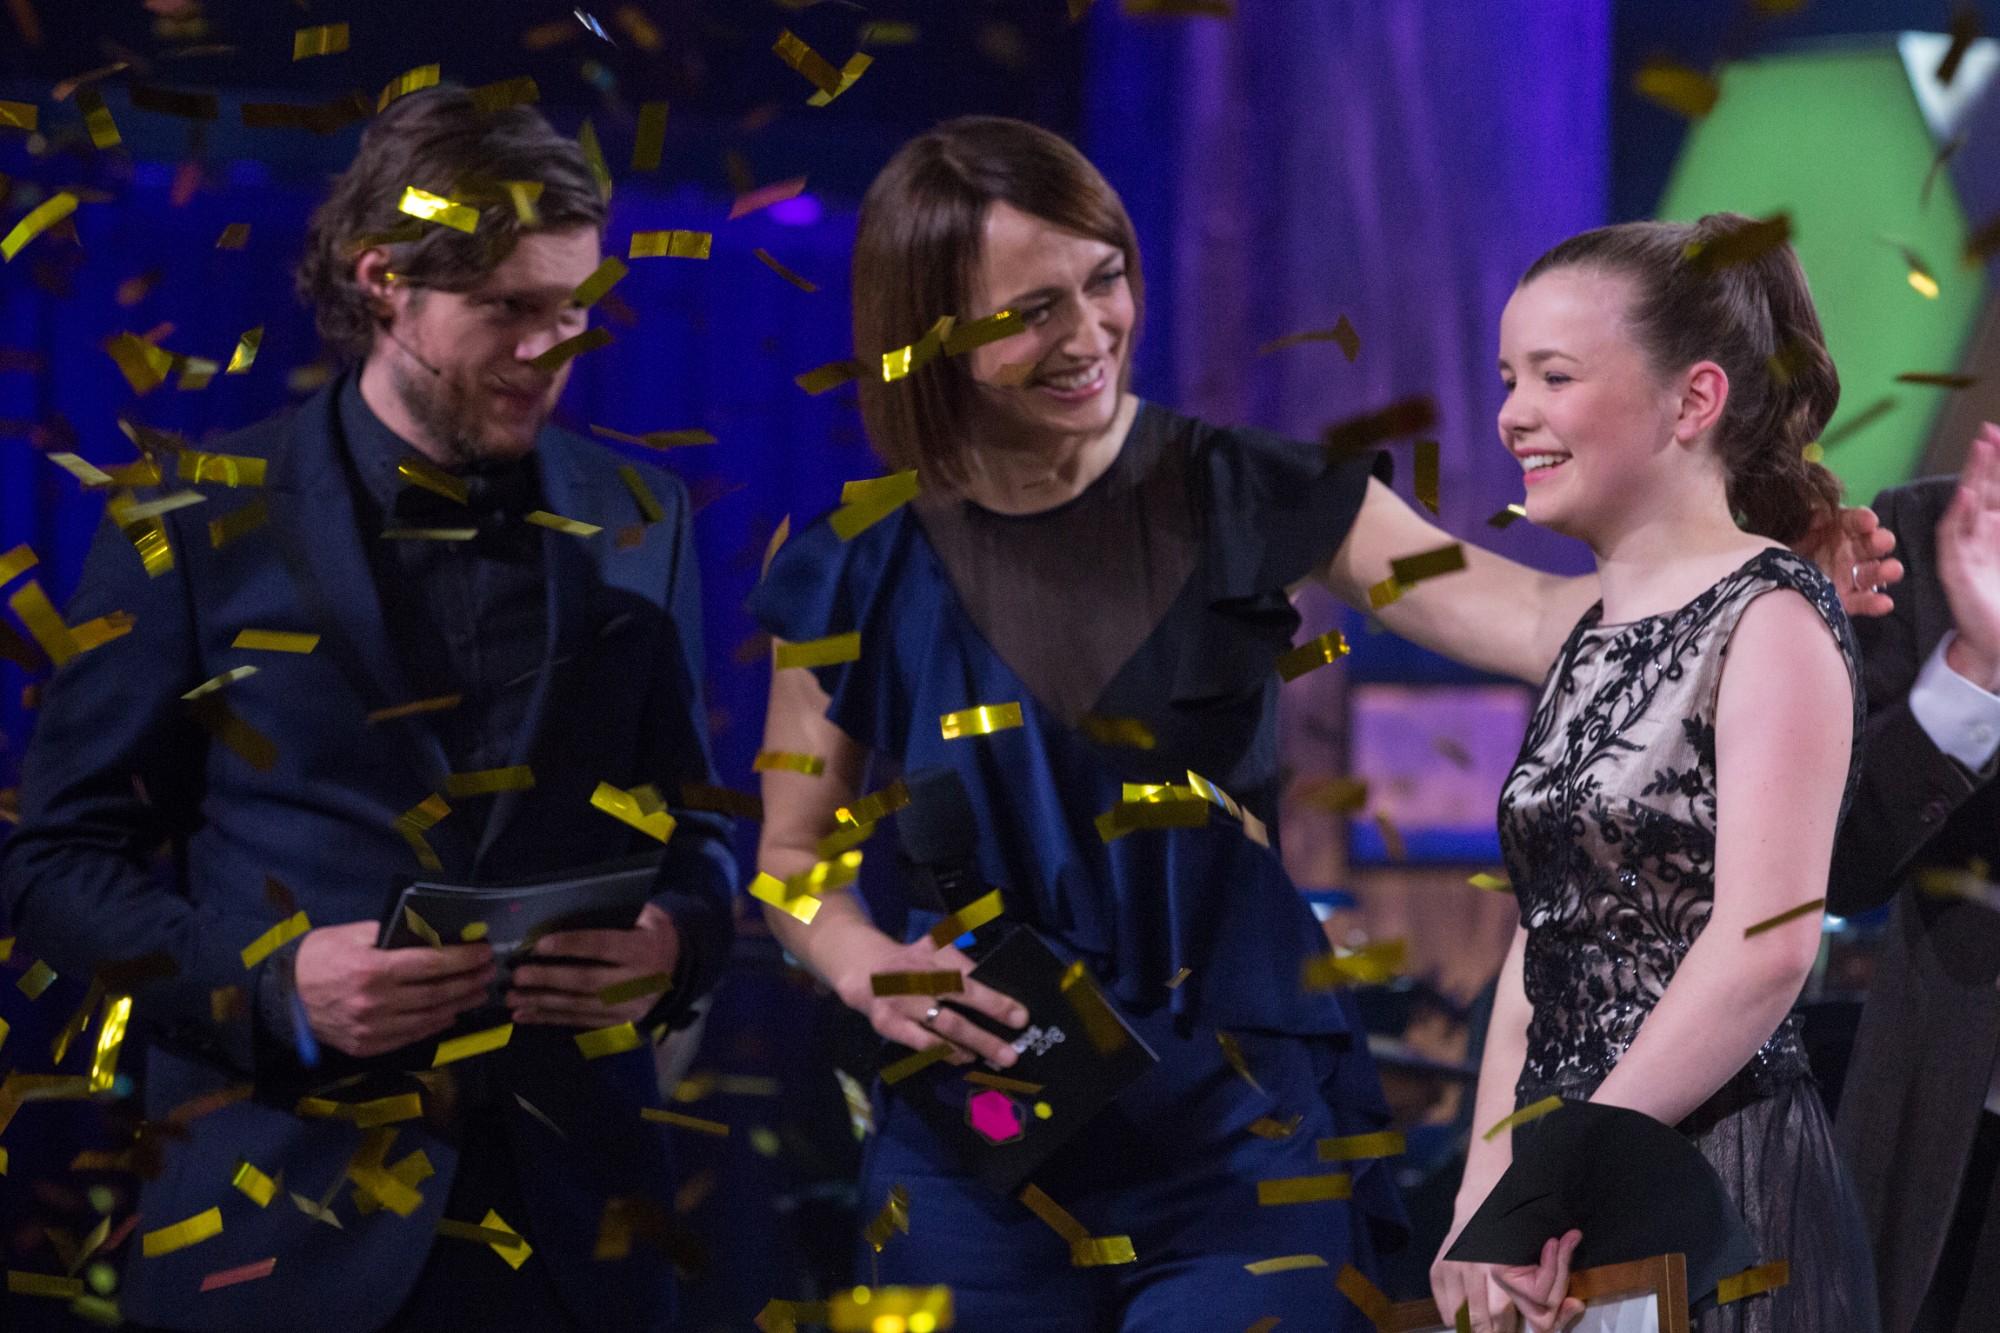 Birgitta Elisa Oftestad Birgitta Elisa Oftestad - Norway